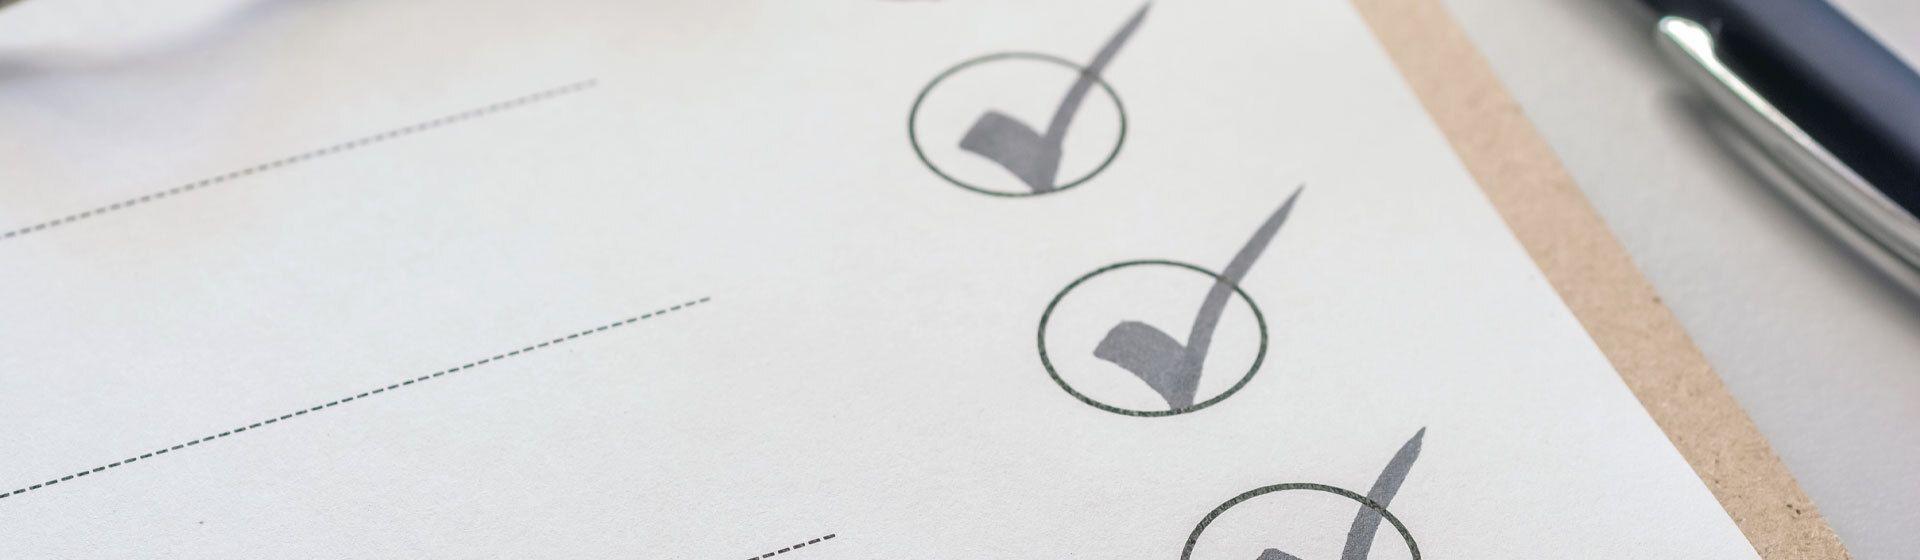 Checkliste für die Scheidung